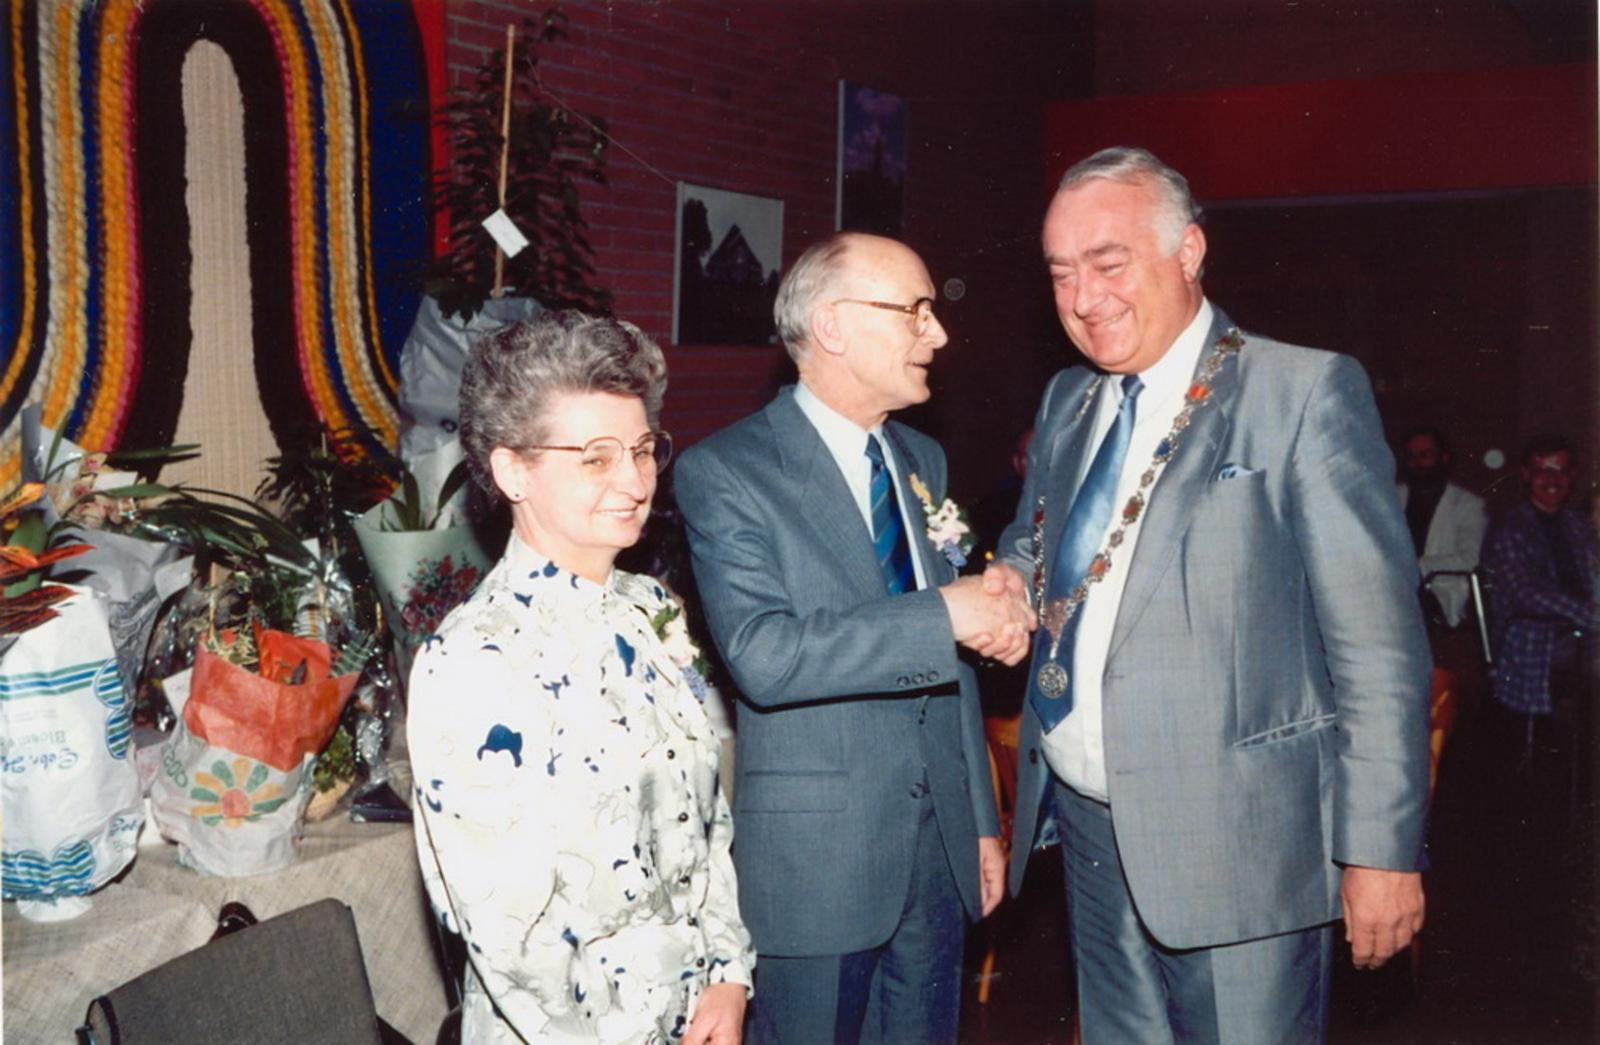 Marktlaan O 0022 1988 Sigarenboer Kraak 50jr Jub en Sluiting 78